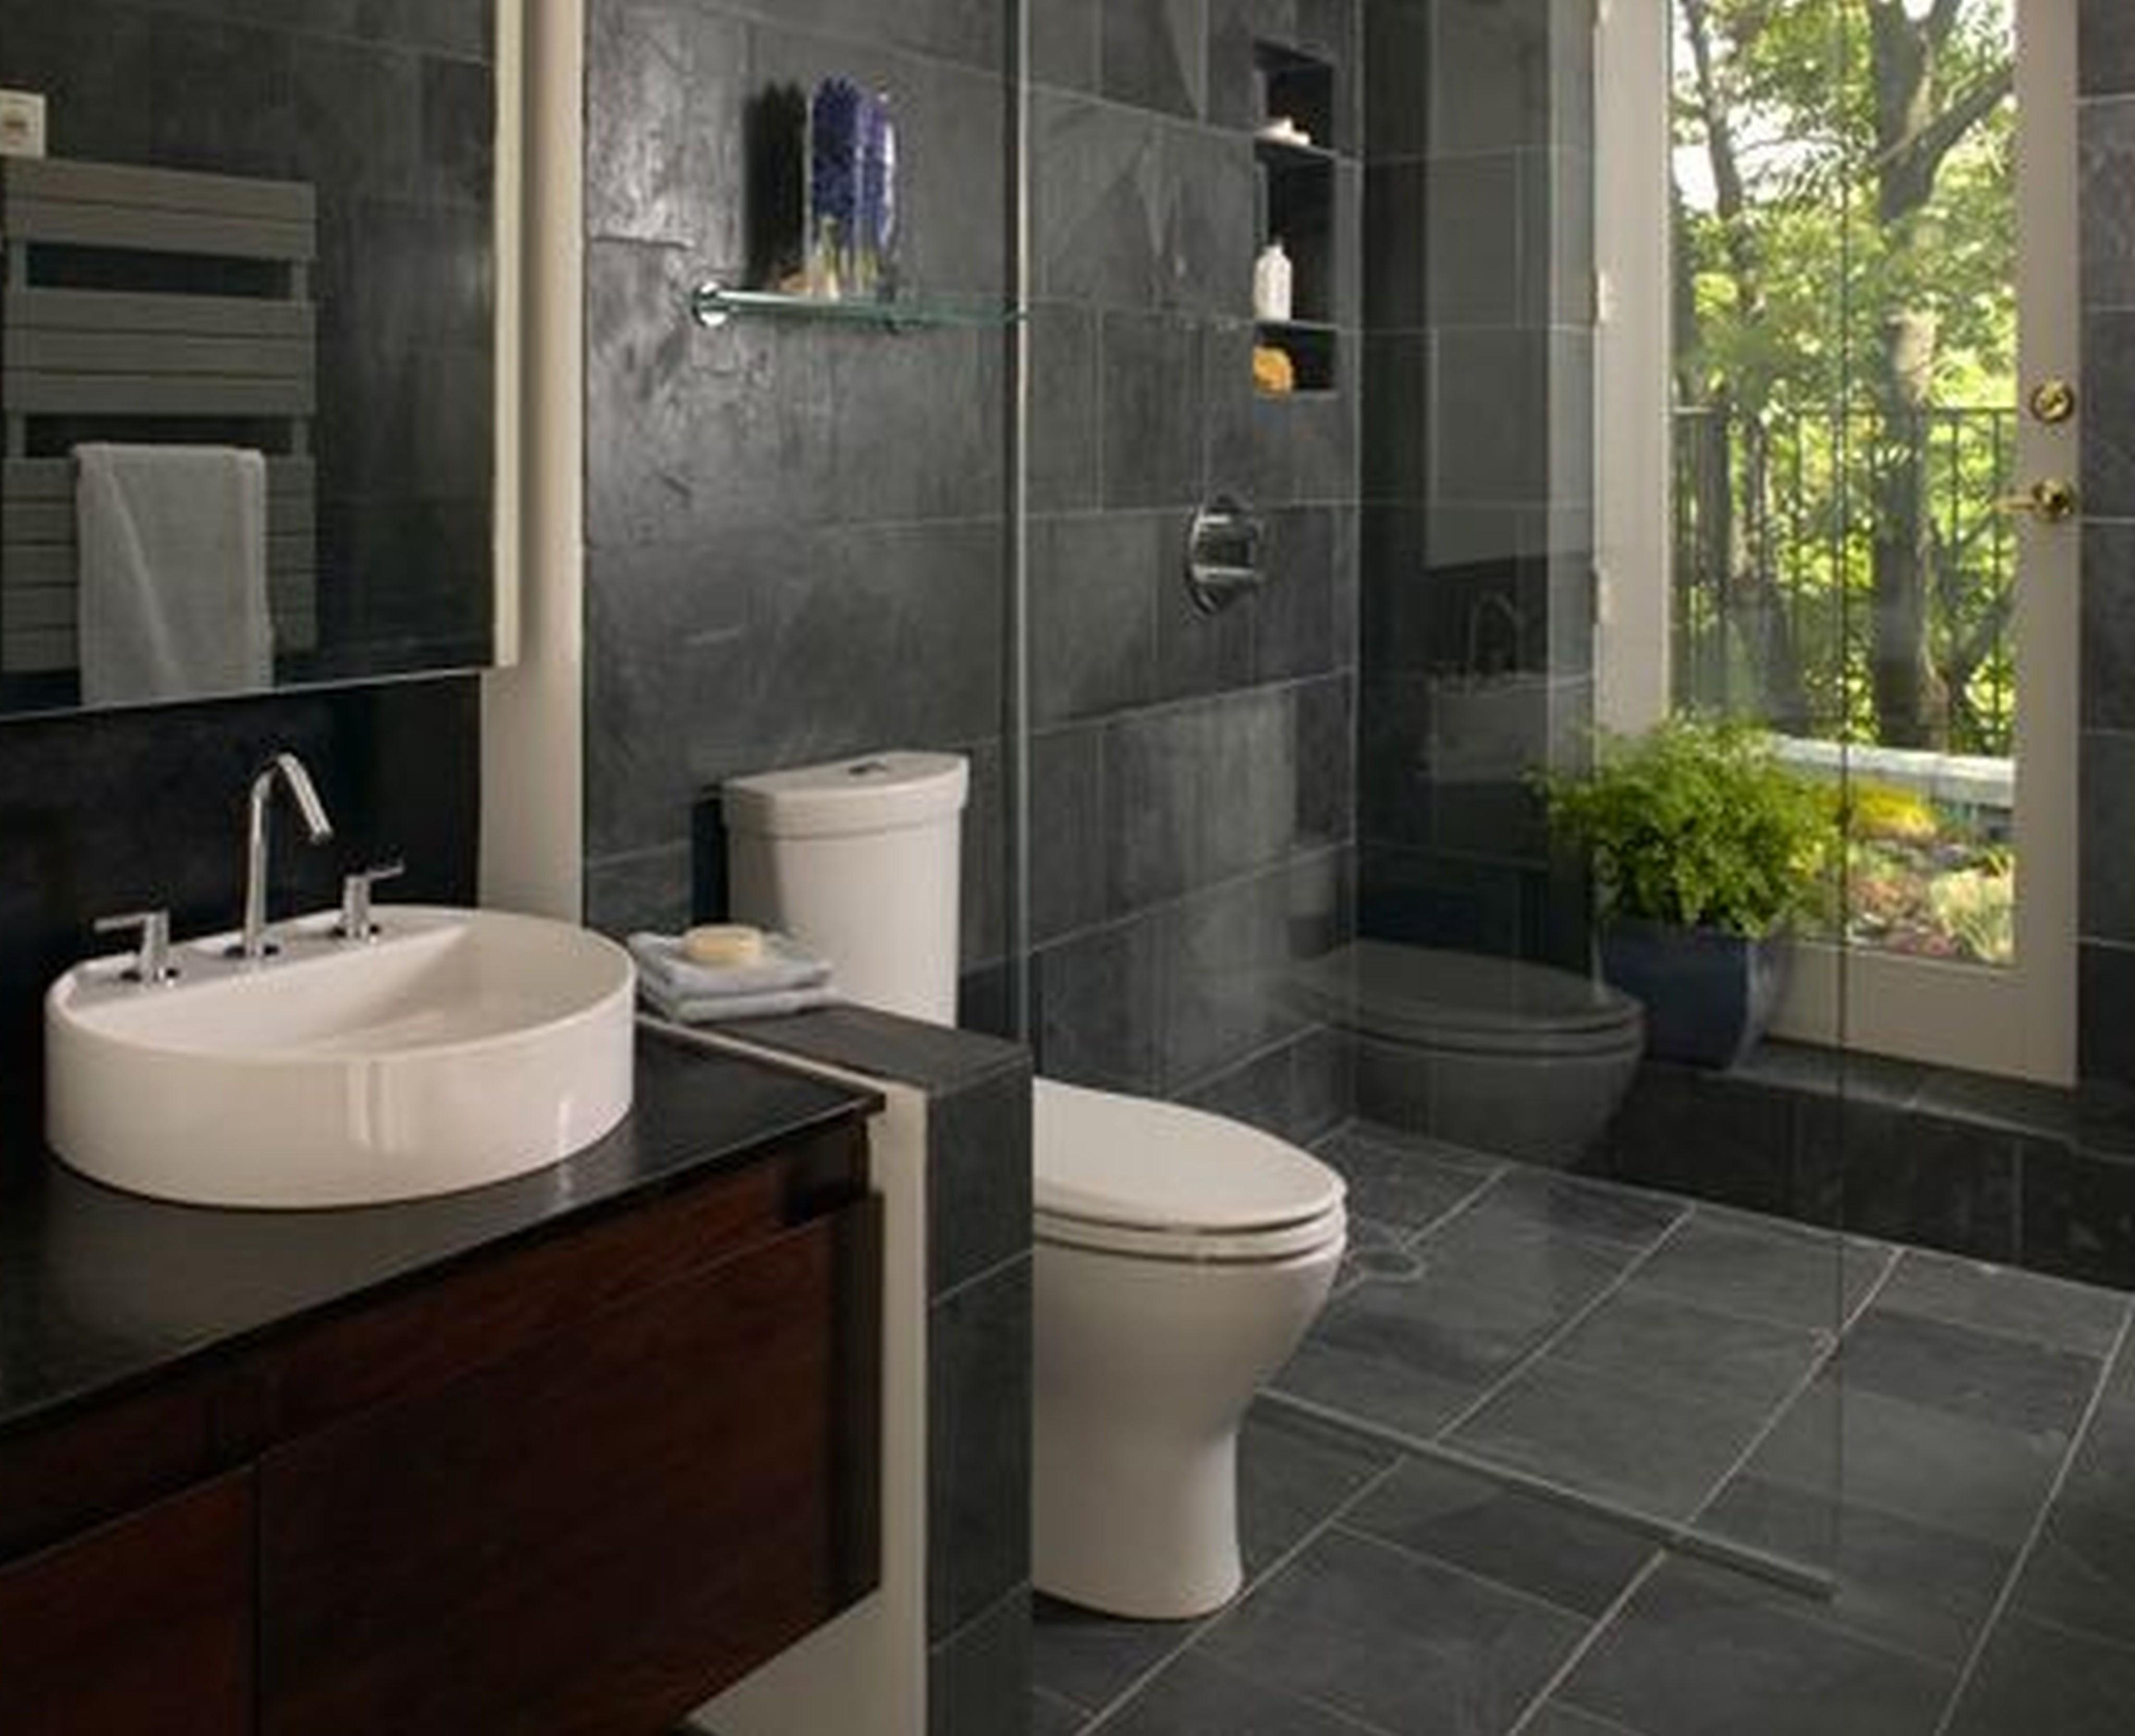 Ванная комната 2020 - выбор современного дизайна (25 фото)